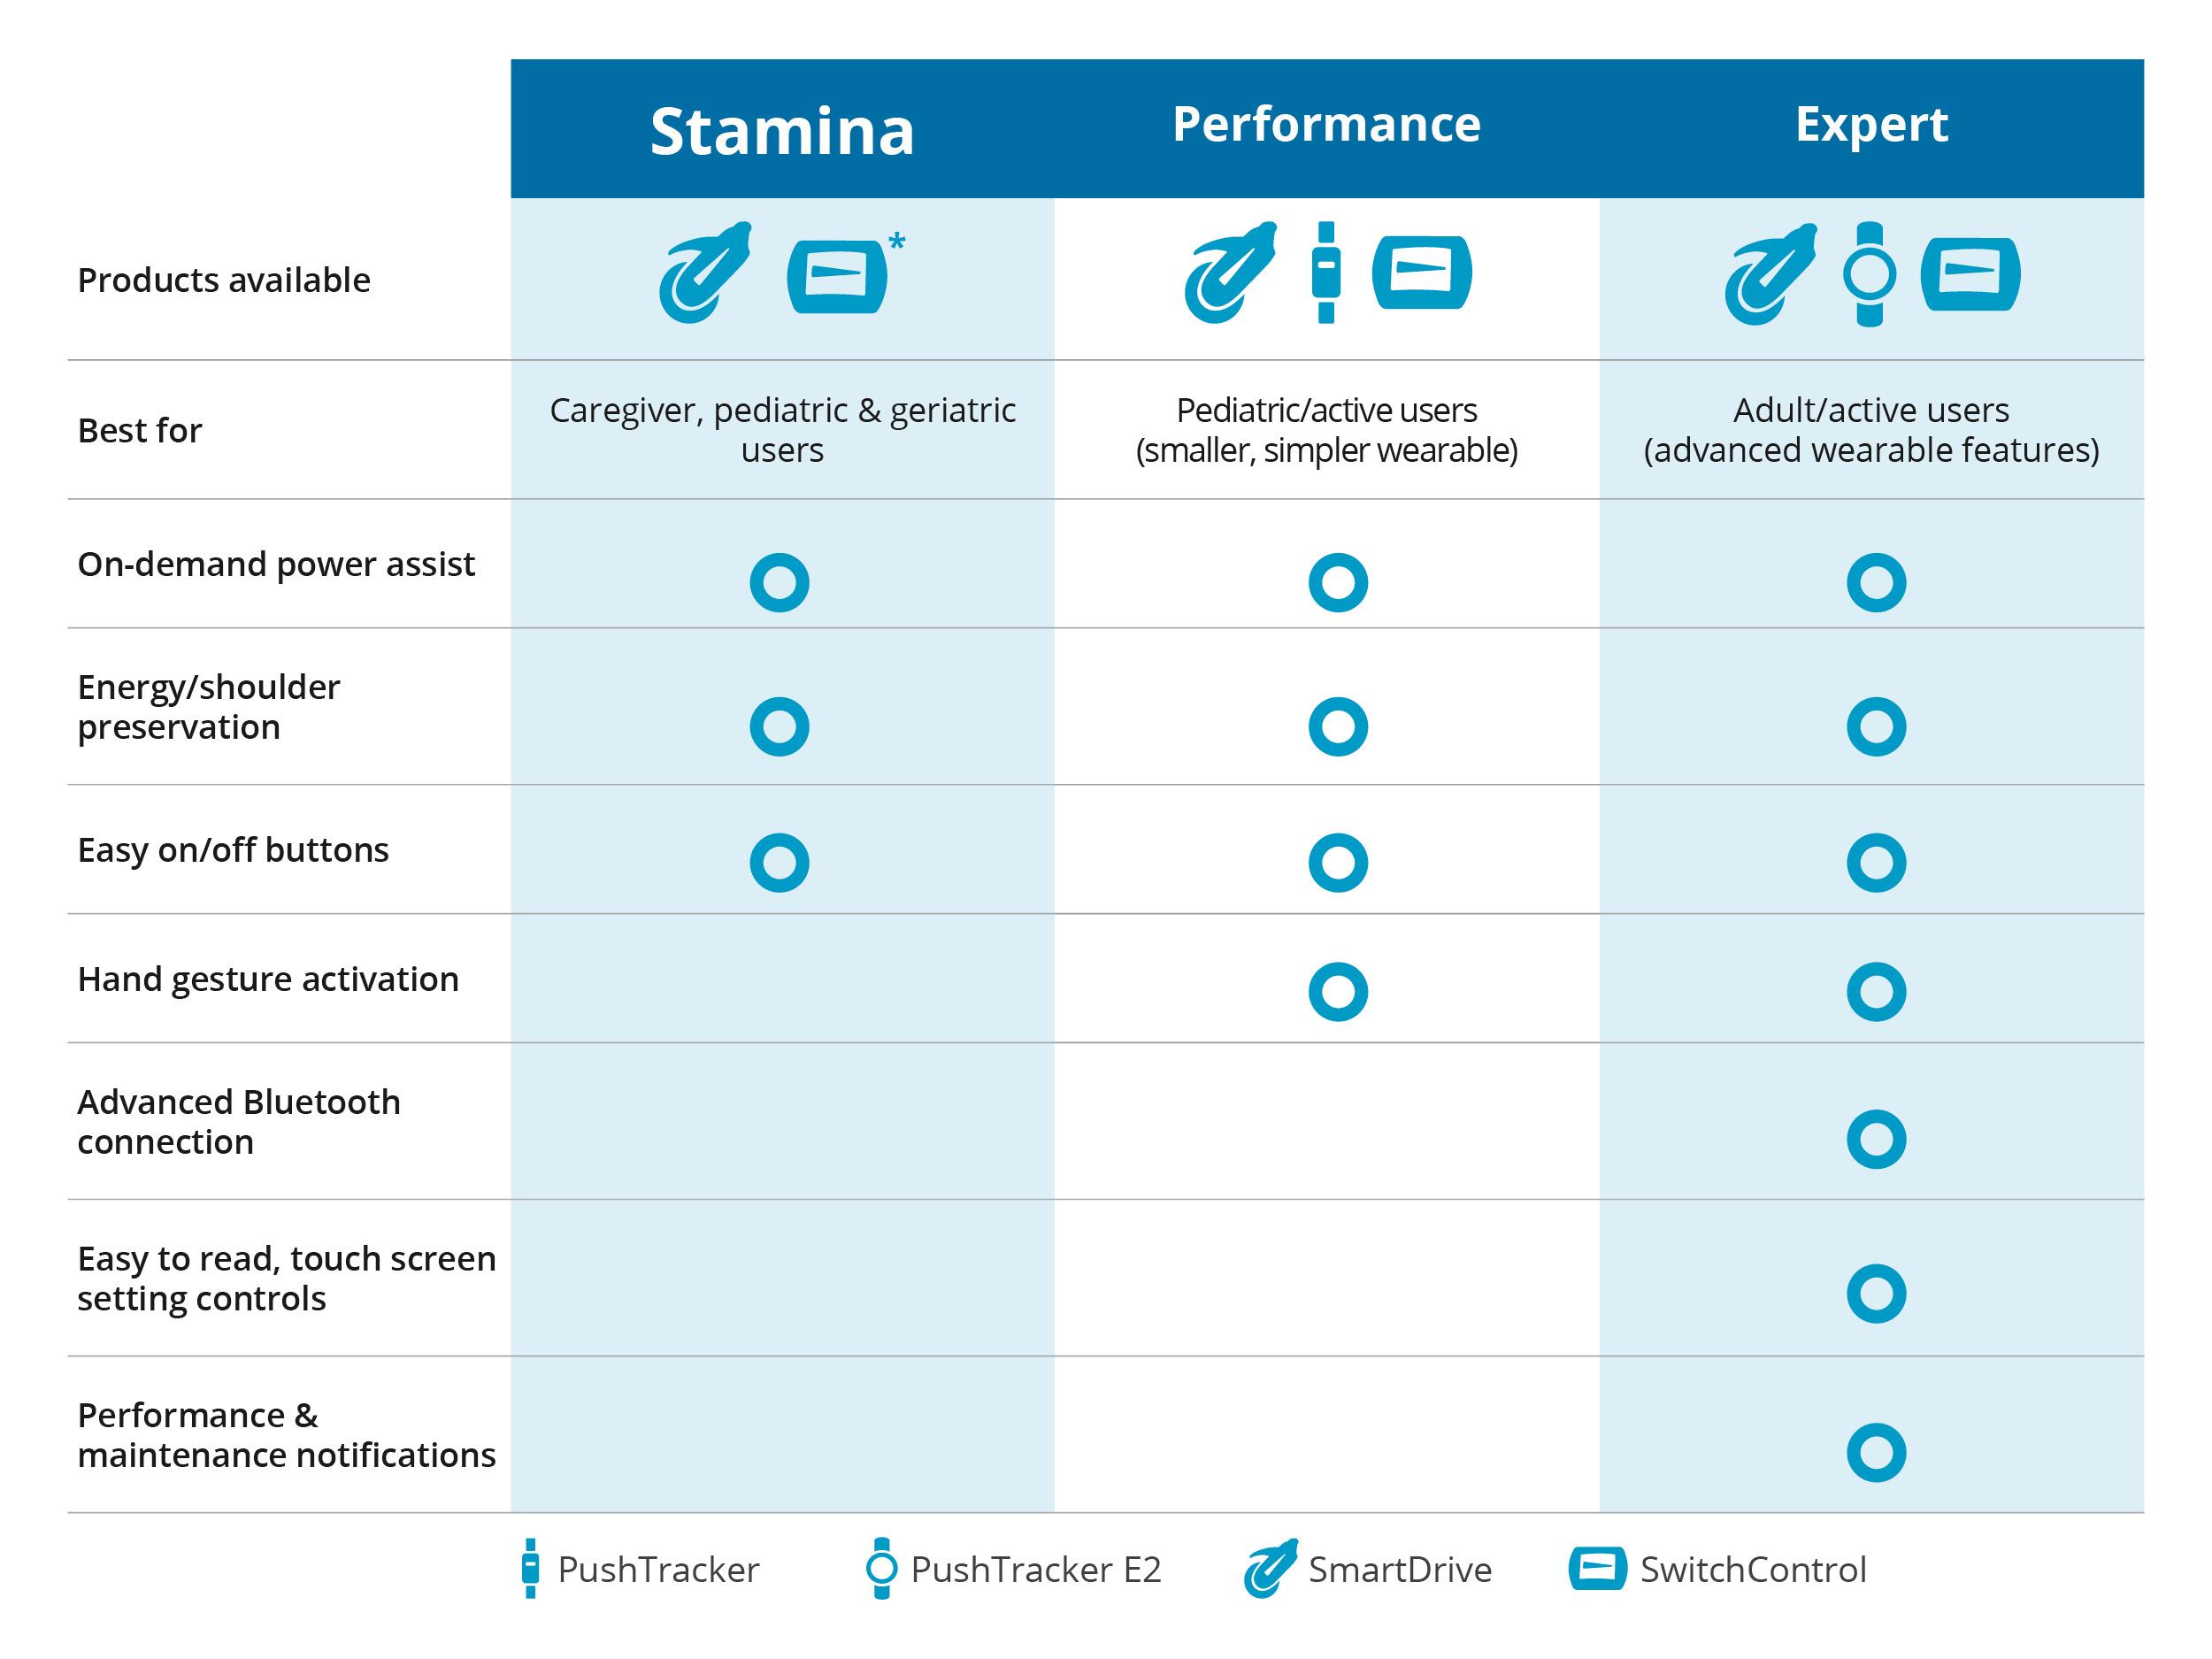 Full Chart - Stamina